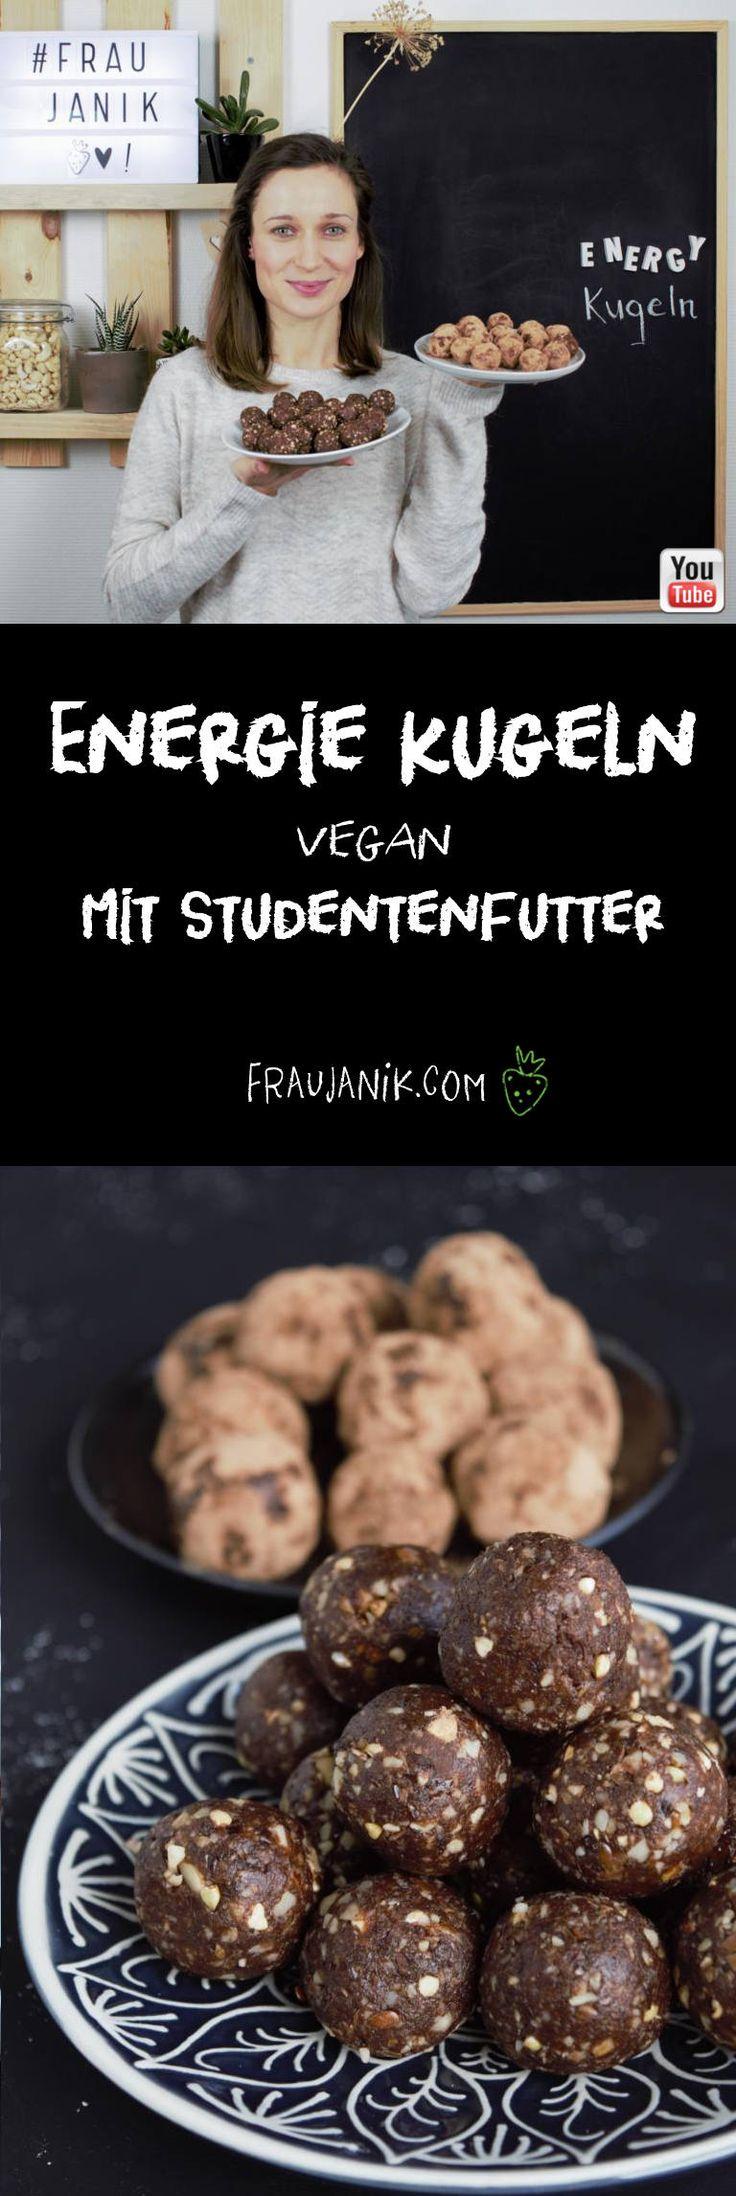 Energie Kugeln mit Studentenfutter, vegan  - gesundes Naschen für Zwischendurch... #vegan #gesundesnacks #gesund #zuckerfrei #ohnezucker #snacks #gesundepralinen #pralinen #kakao #datteln #nüsse #fraujanik